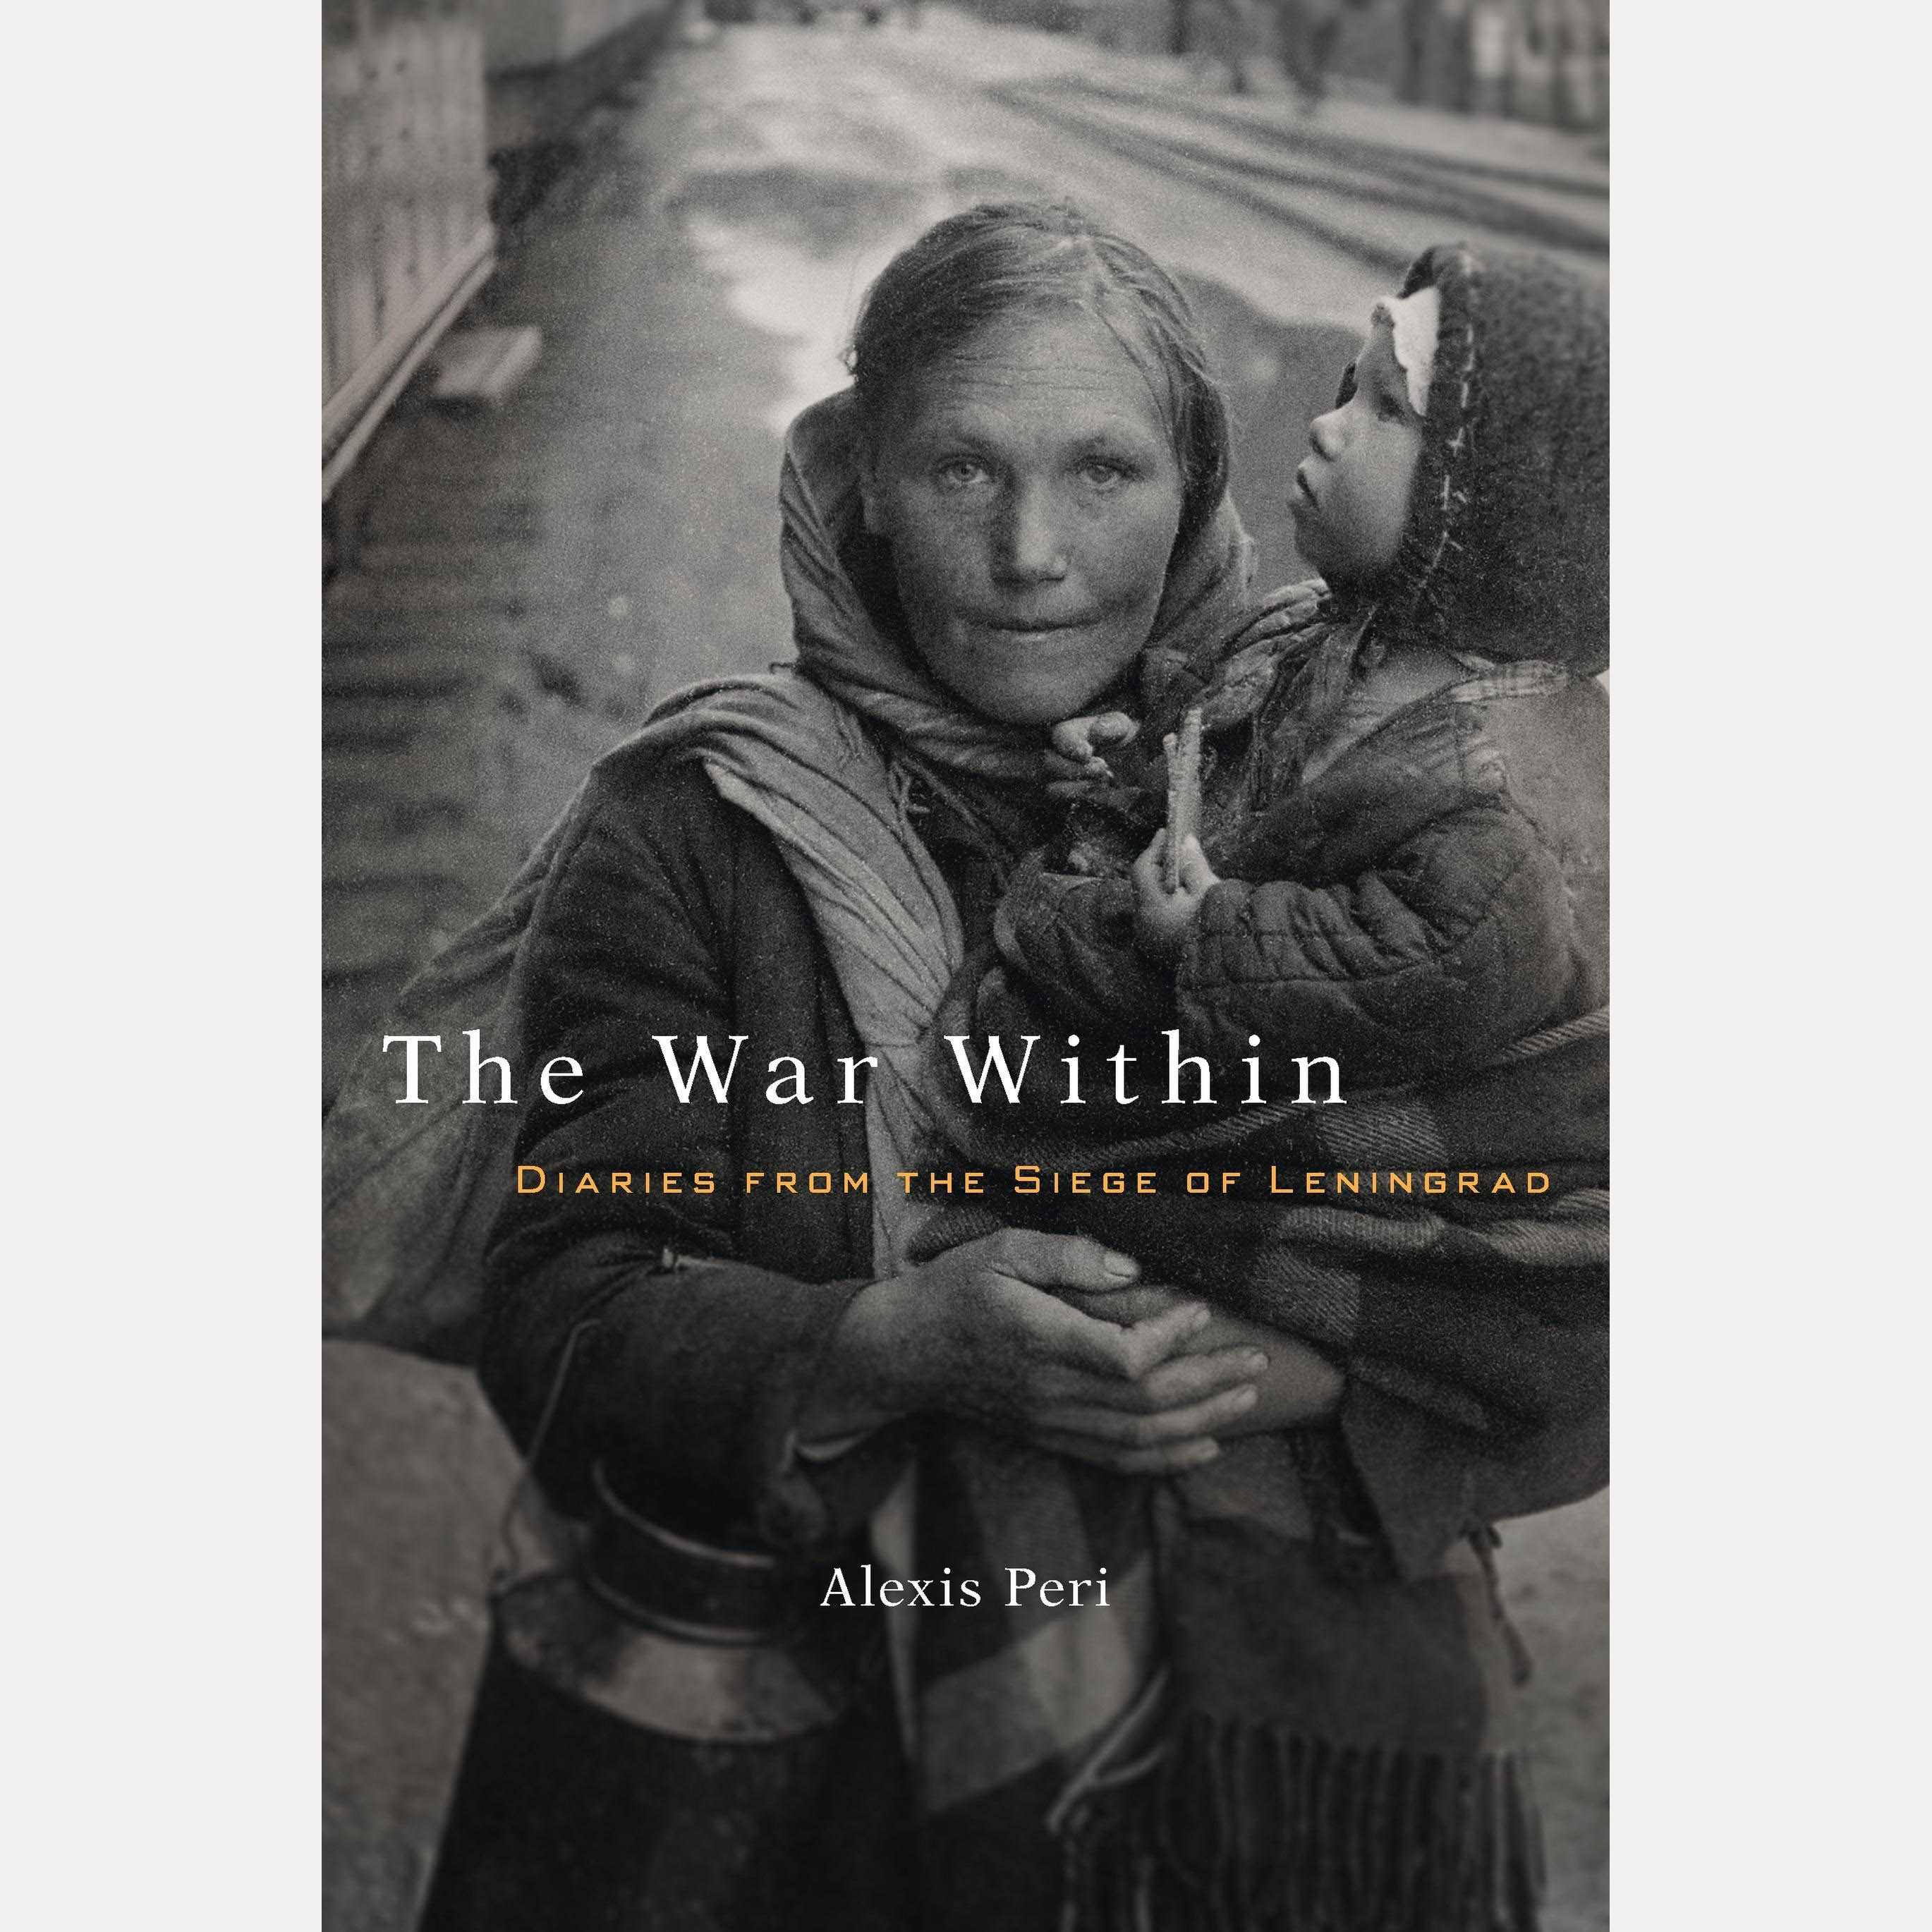 Обложка книги Алексис Пери «Война изнутри. Дневники из блокадного Ленинграда»